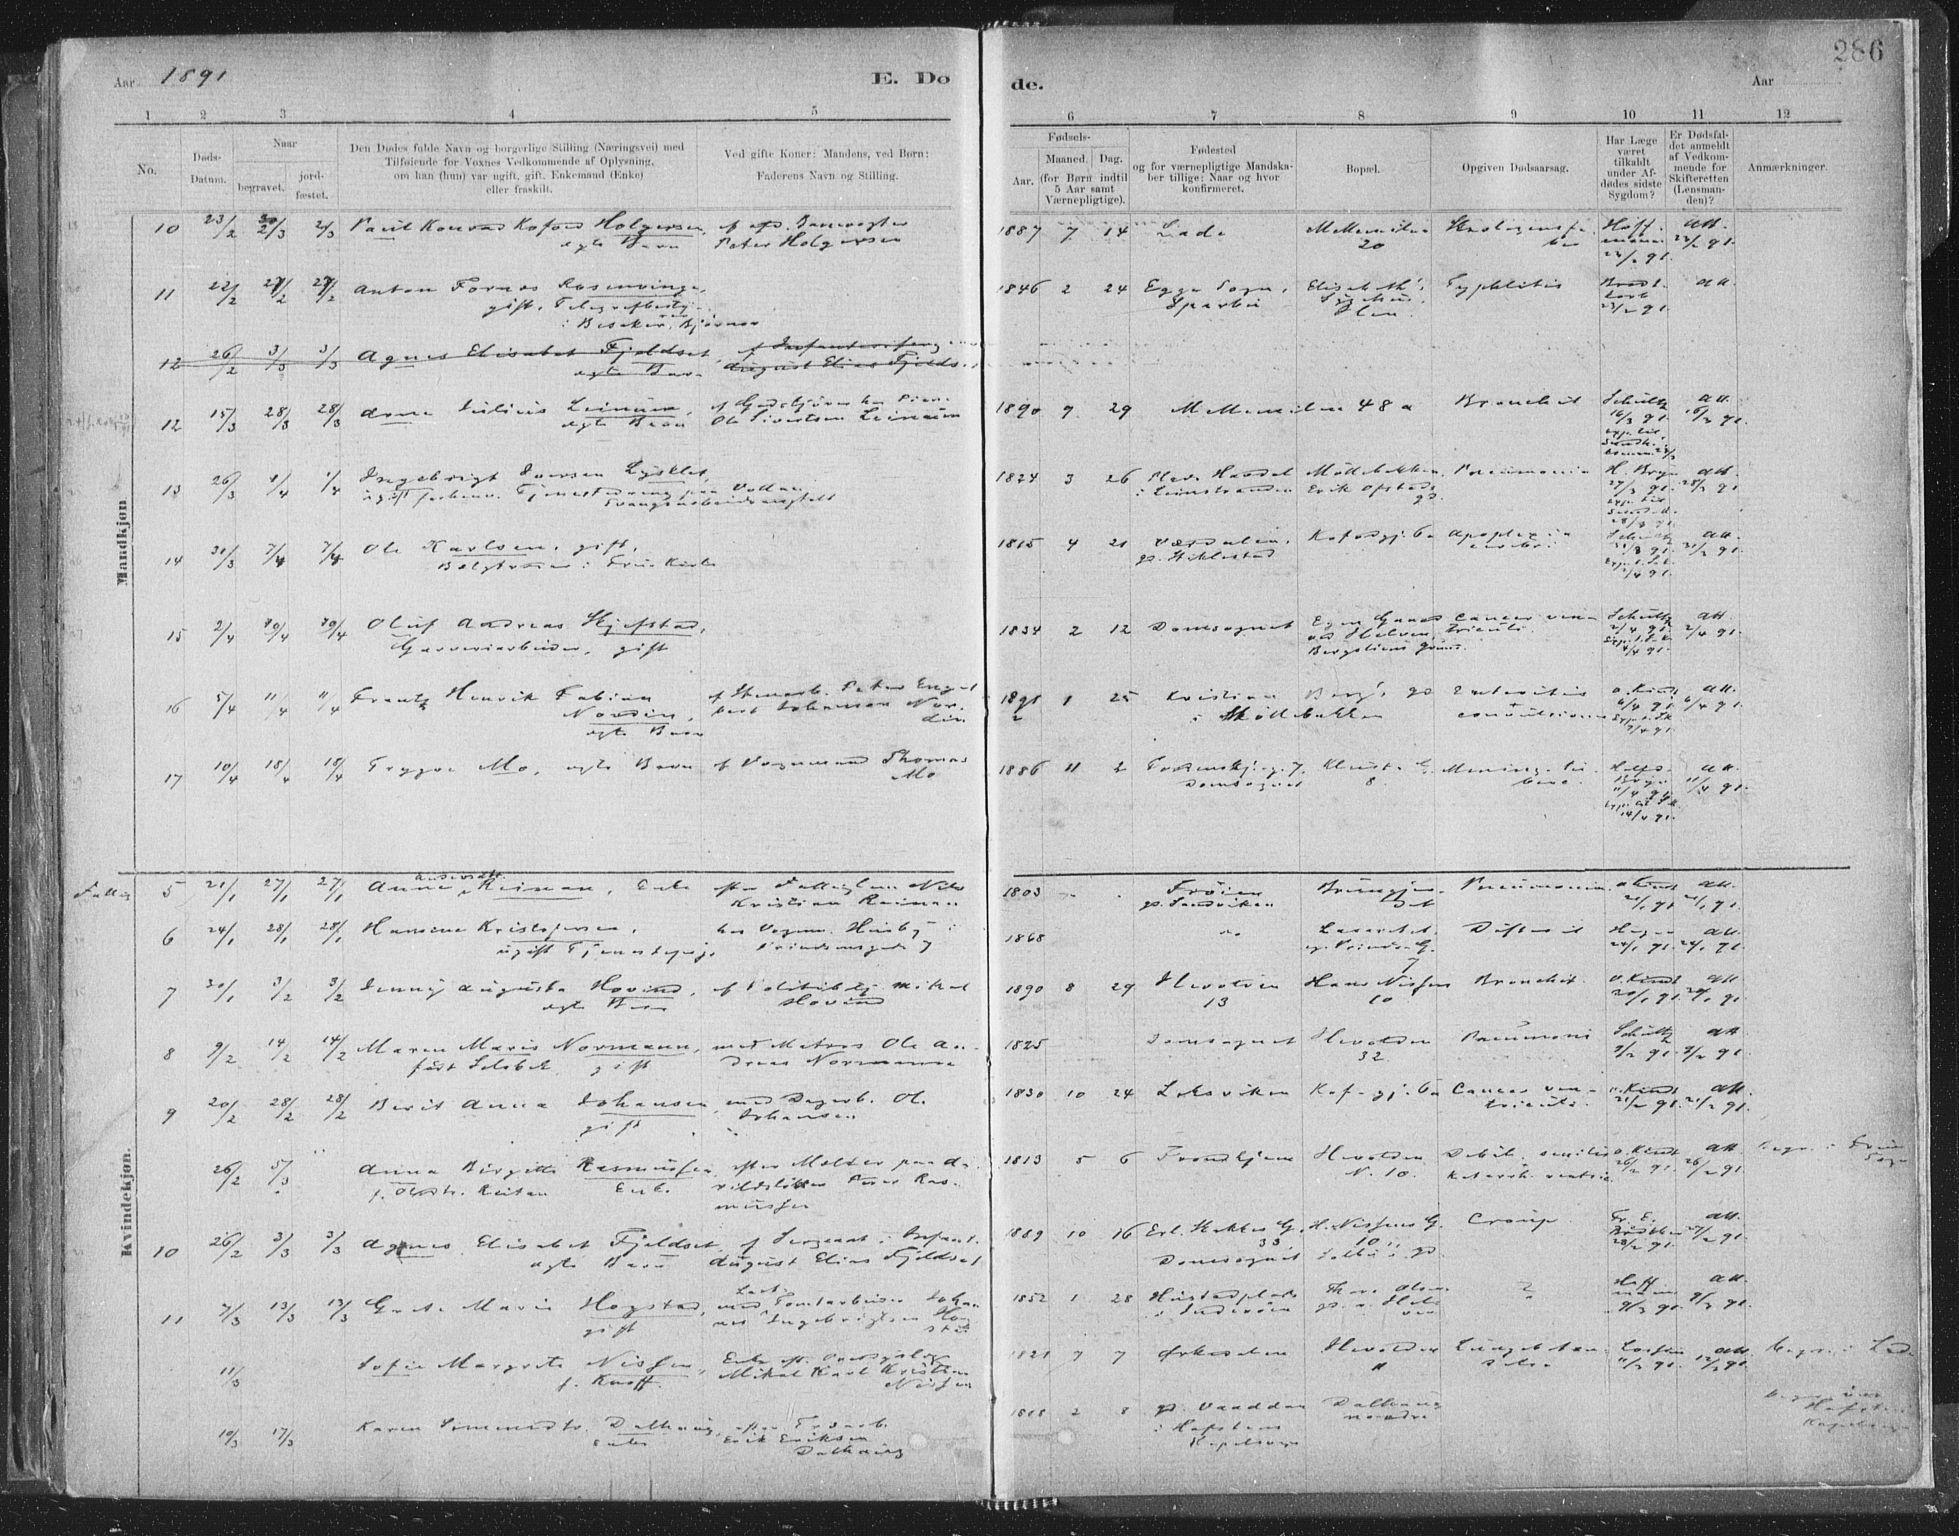 SAT, Ministerialprotokoller, klokkerbøker og fødselsregistre - Sør-Trøndelag, 603/L0162: Ministerialbok nr. 603A01, 1879-1895, s. 286